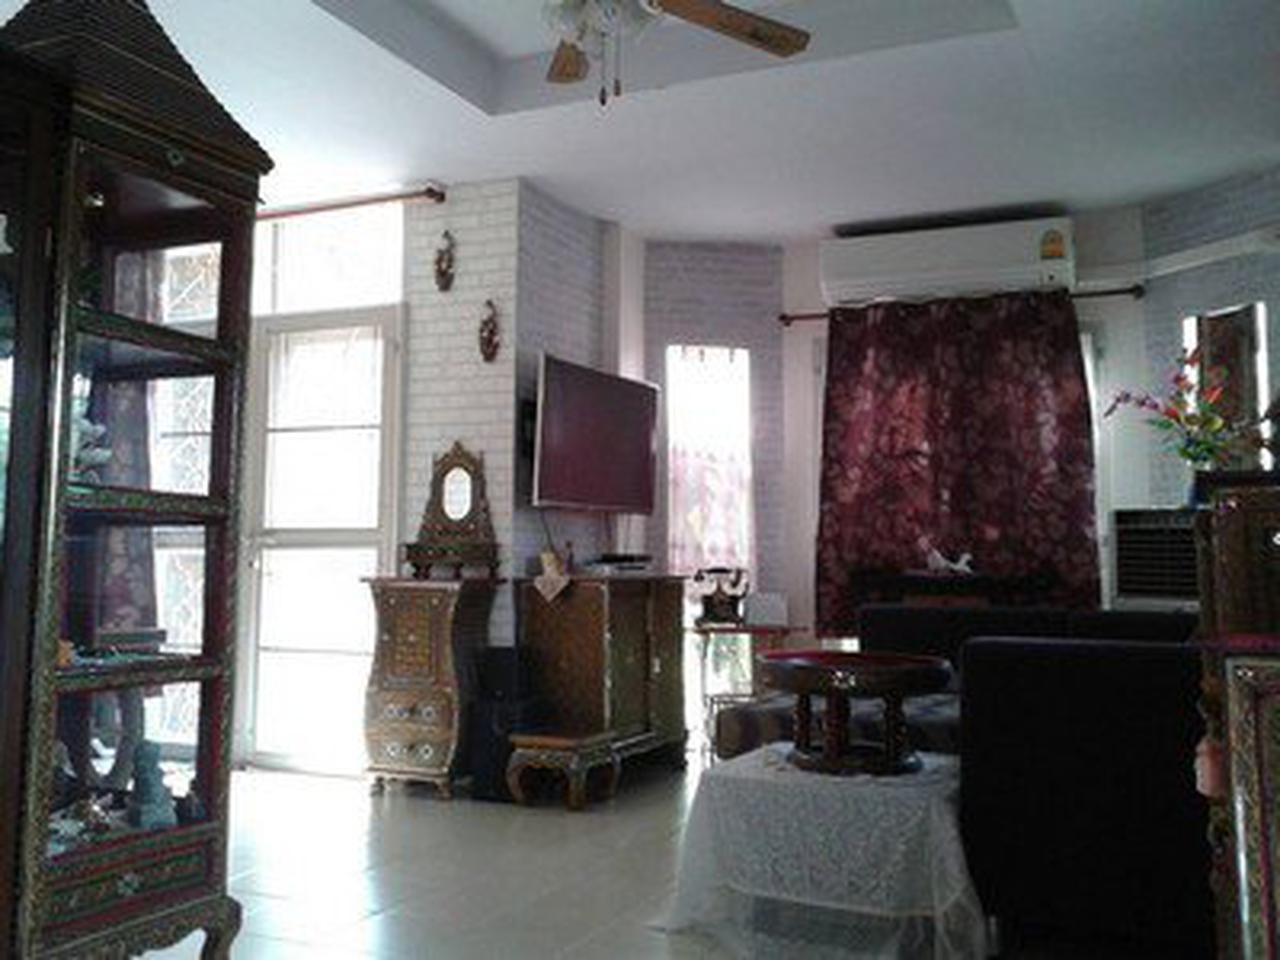 ขายบ้านสวย หลังมุม 46 ตรว. บ้านฟ้าปิยรมย์ รูปที่ 2